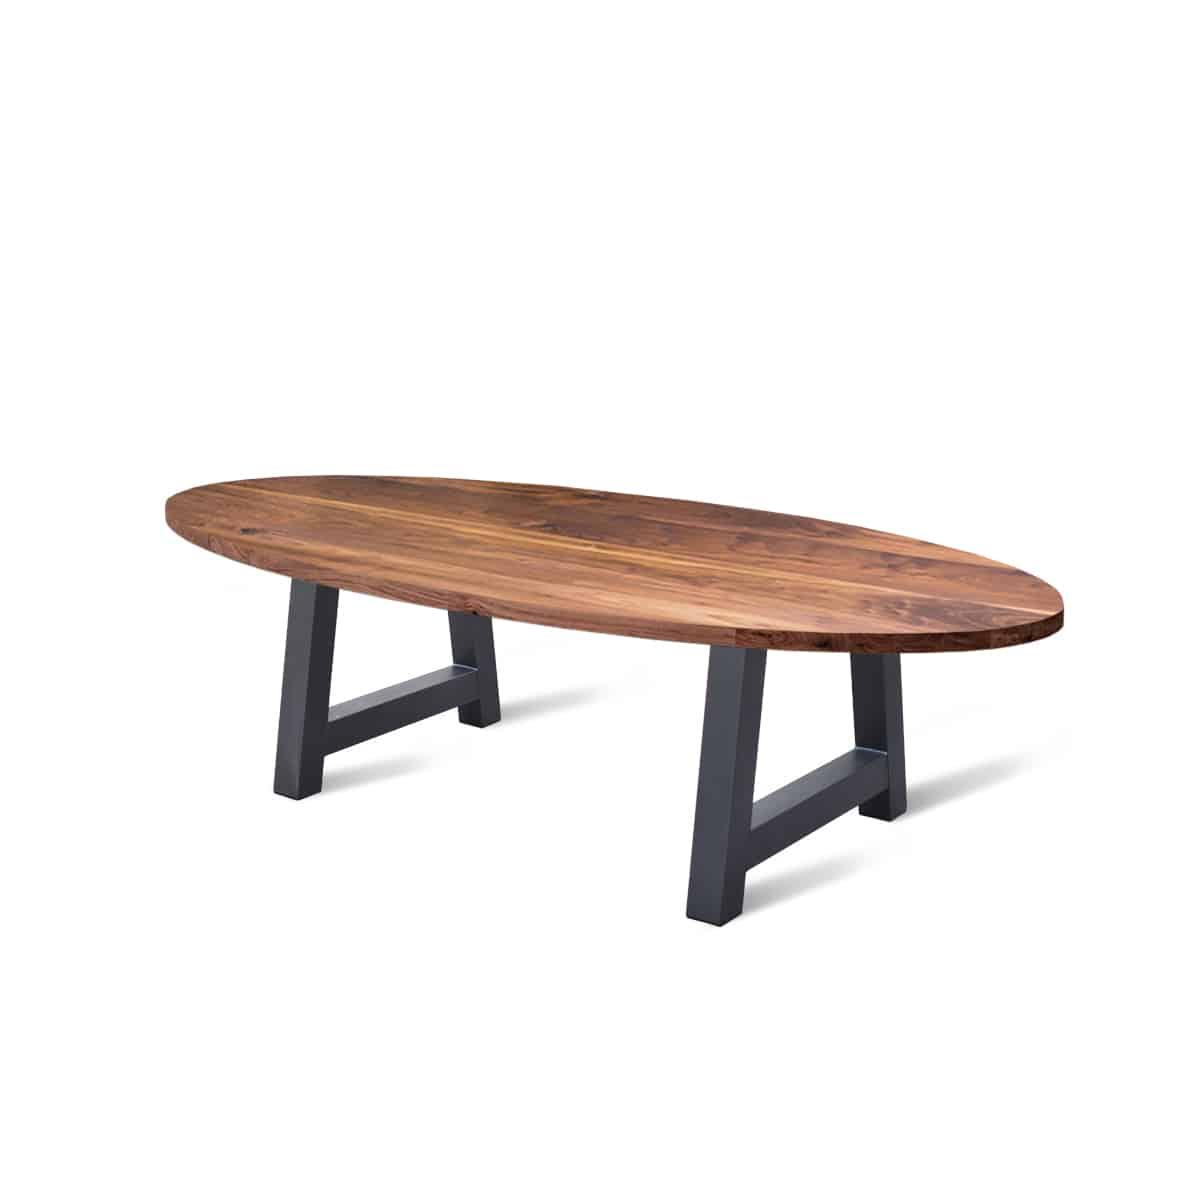 massief rechte noten walnoten houten industrieel tafel eetkamer keuken meubelmaker friesland